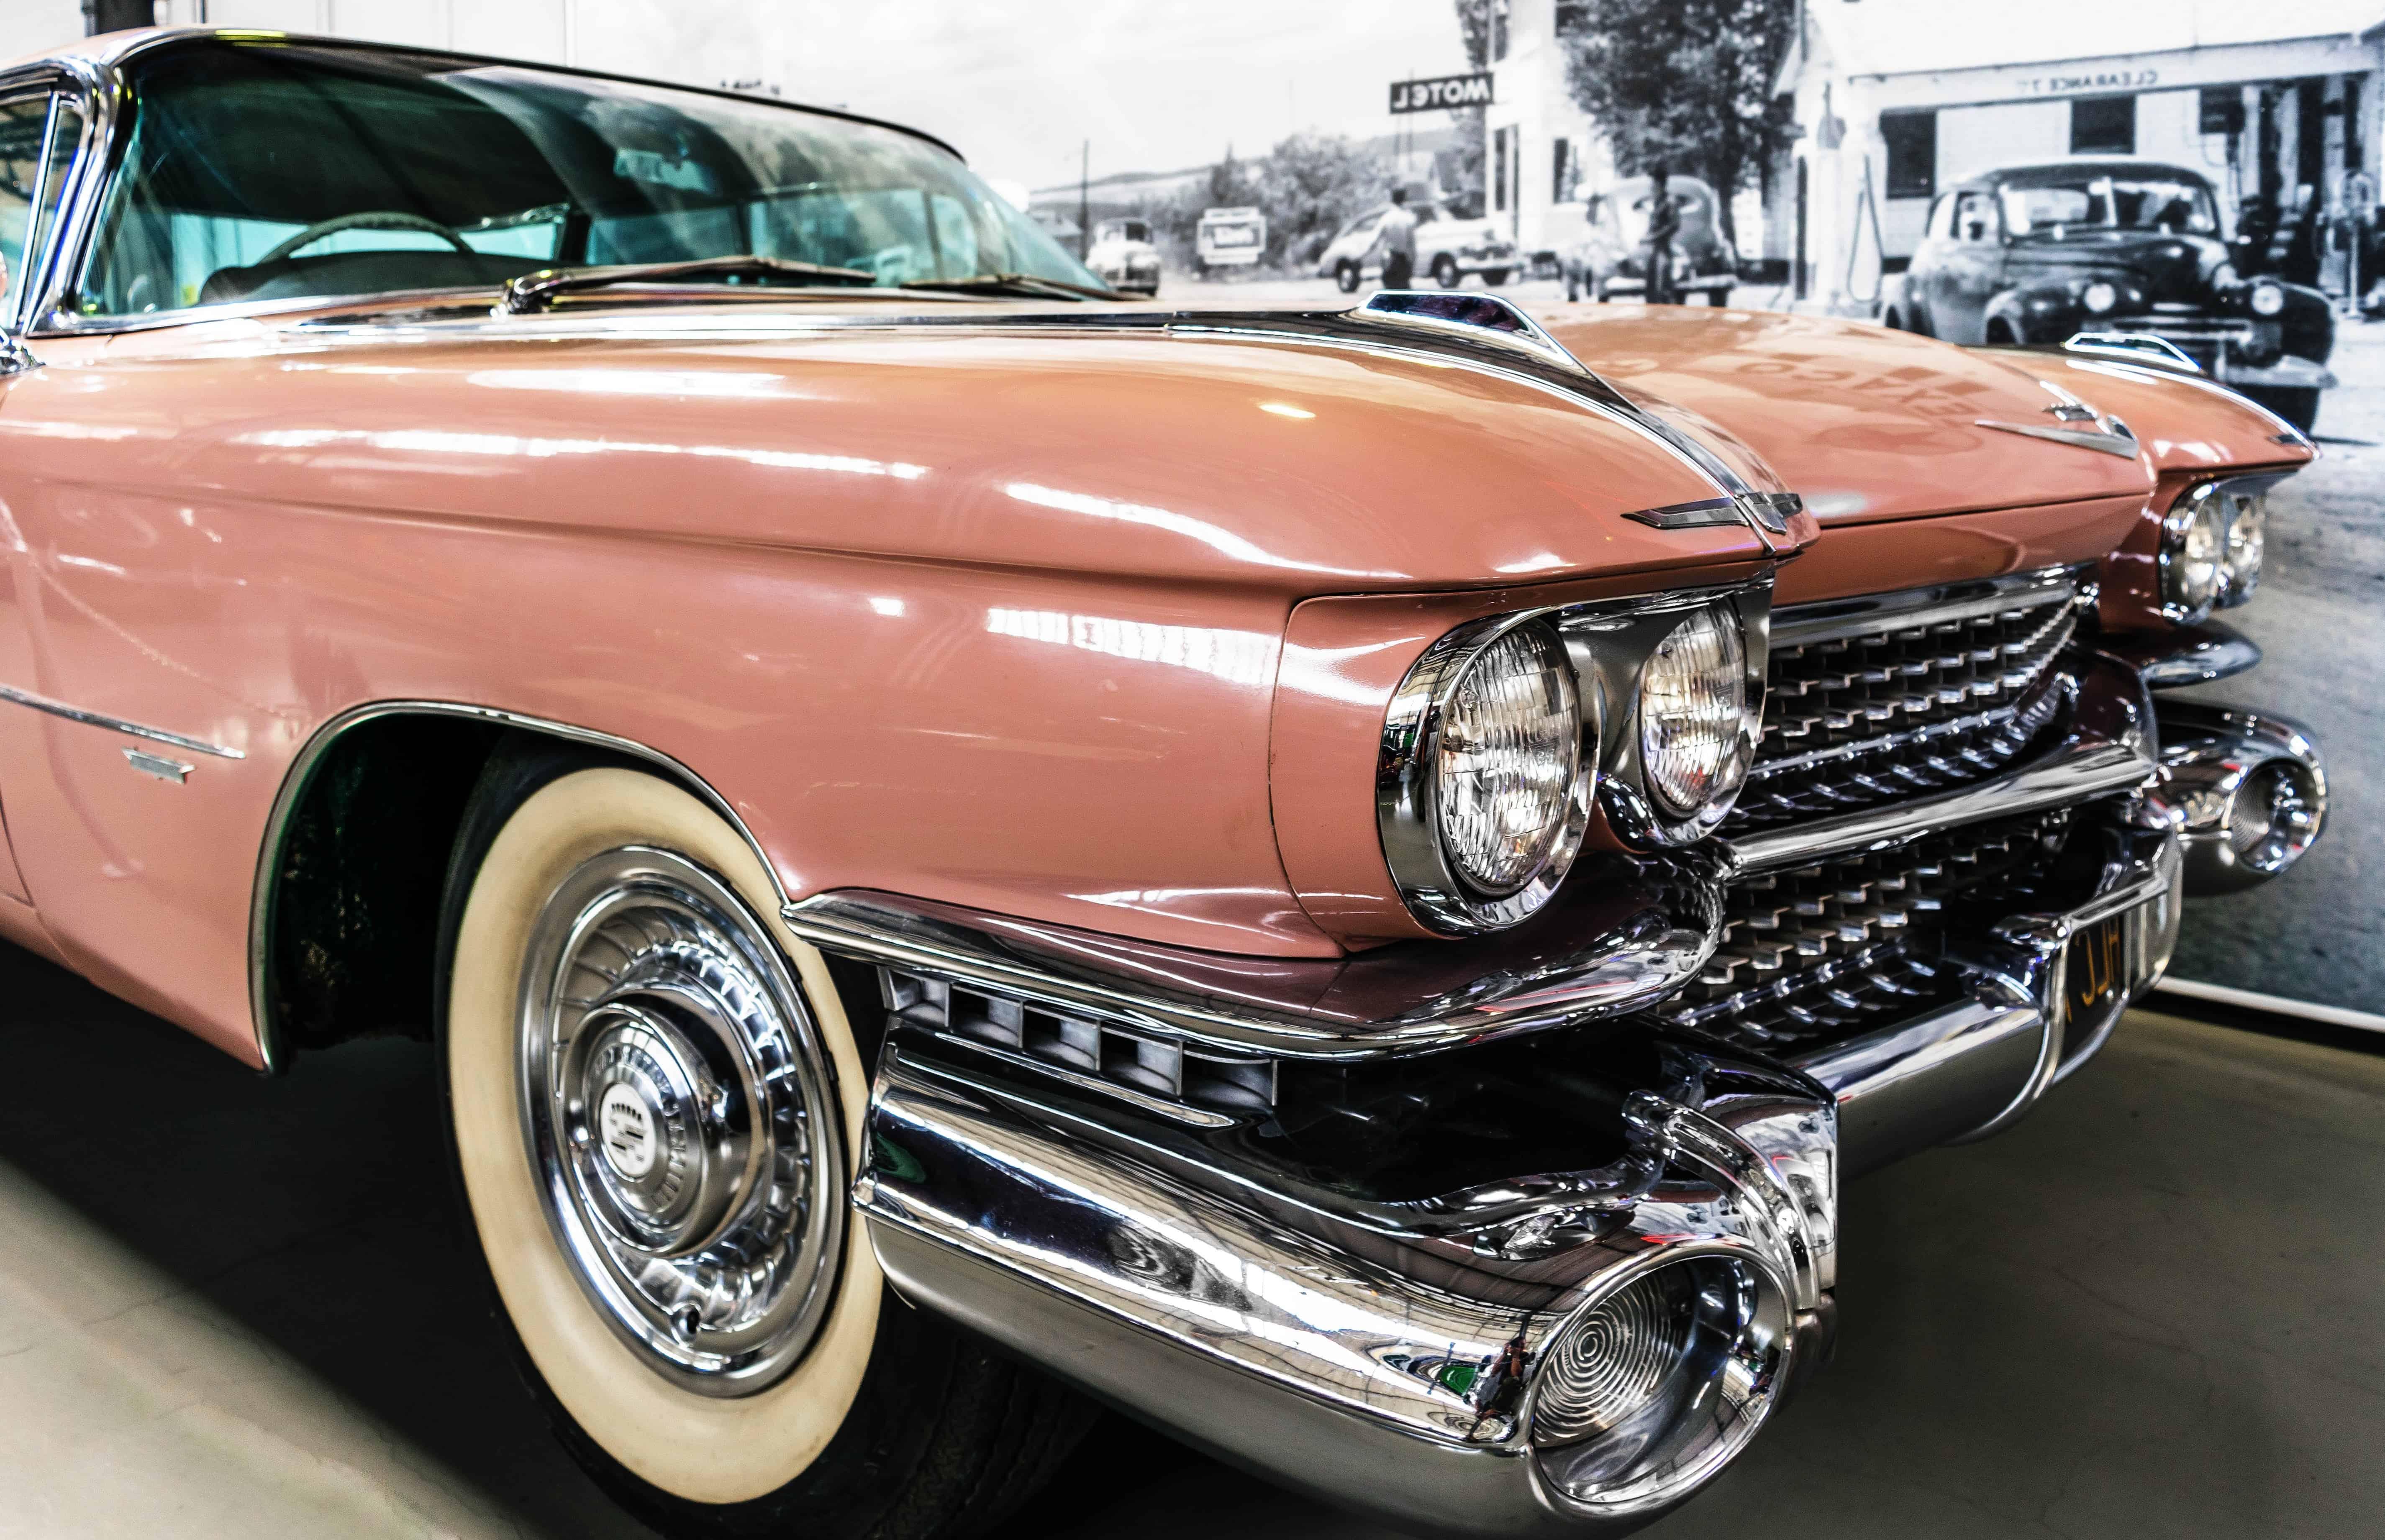 Kostenlose Bild: Chrom, Fahrzeug, Automobil, Classic, Auto